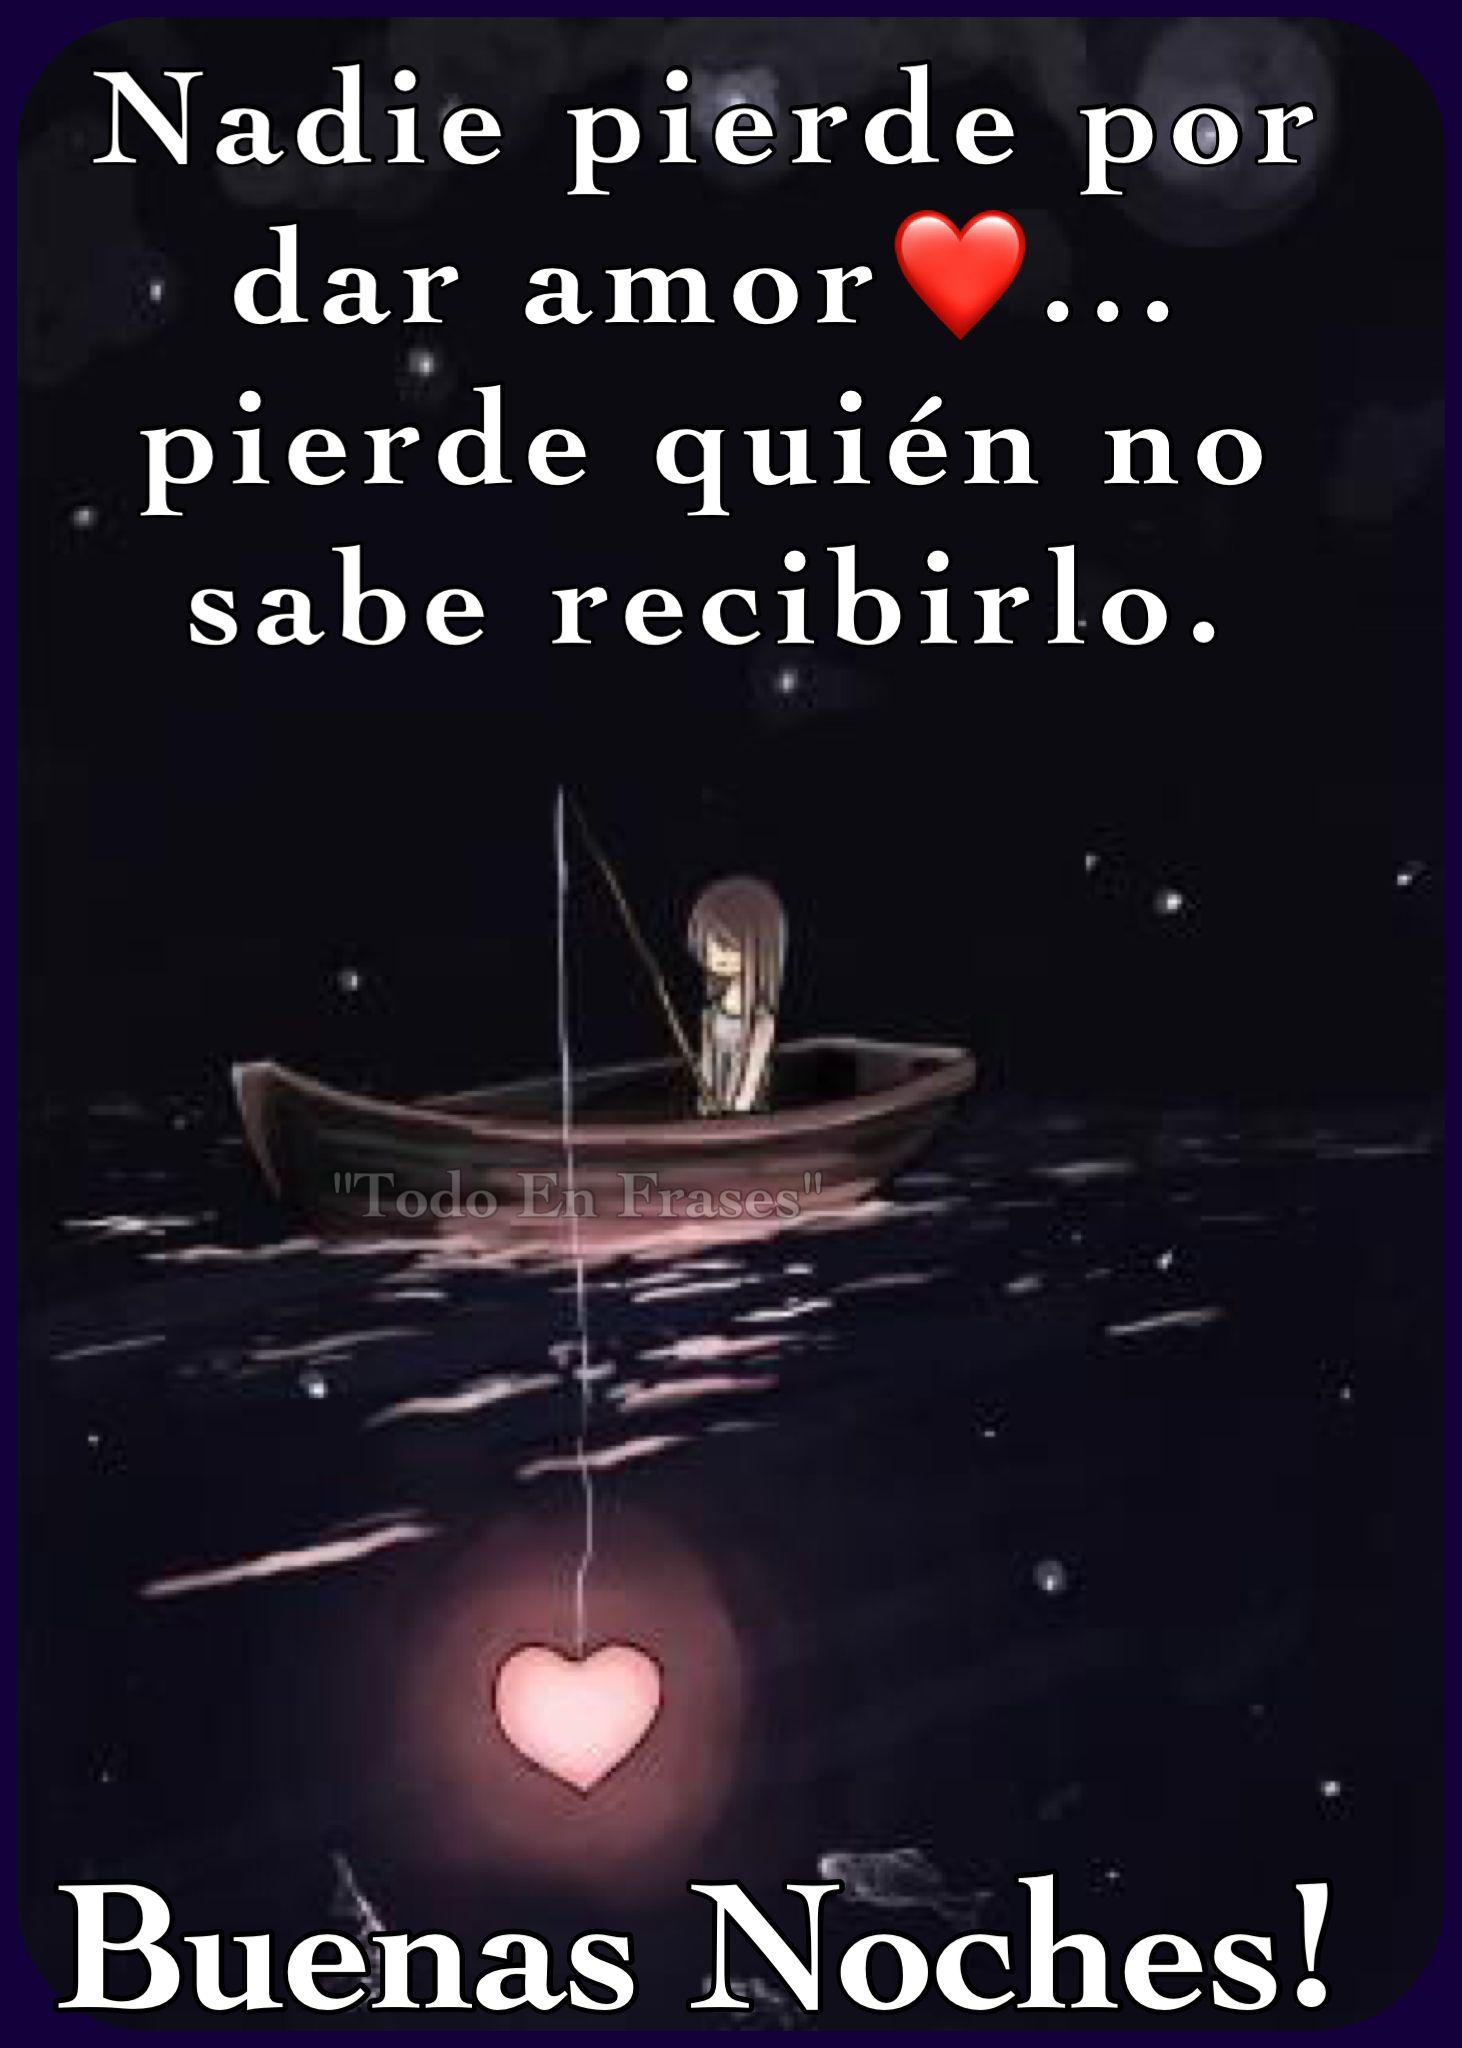 Dulces Sue±os Buenas Noches Sorpresa Buenos Das Poemas Dios Mensajes Pensamientos Tarjetas